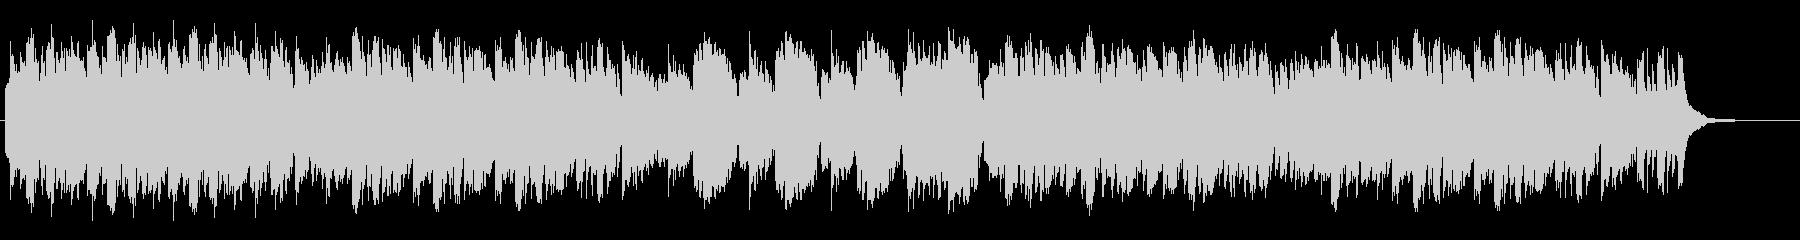 オカリナ・アコースティックギター、静aの未再生の波形